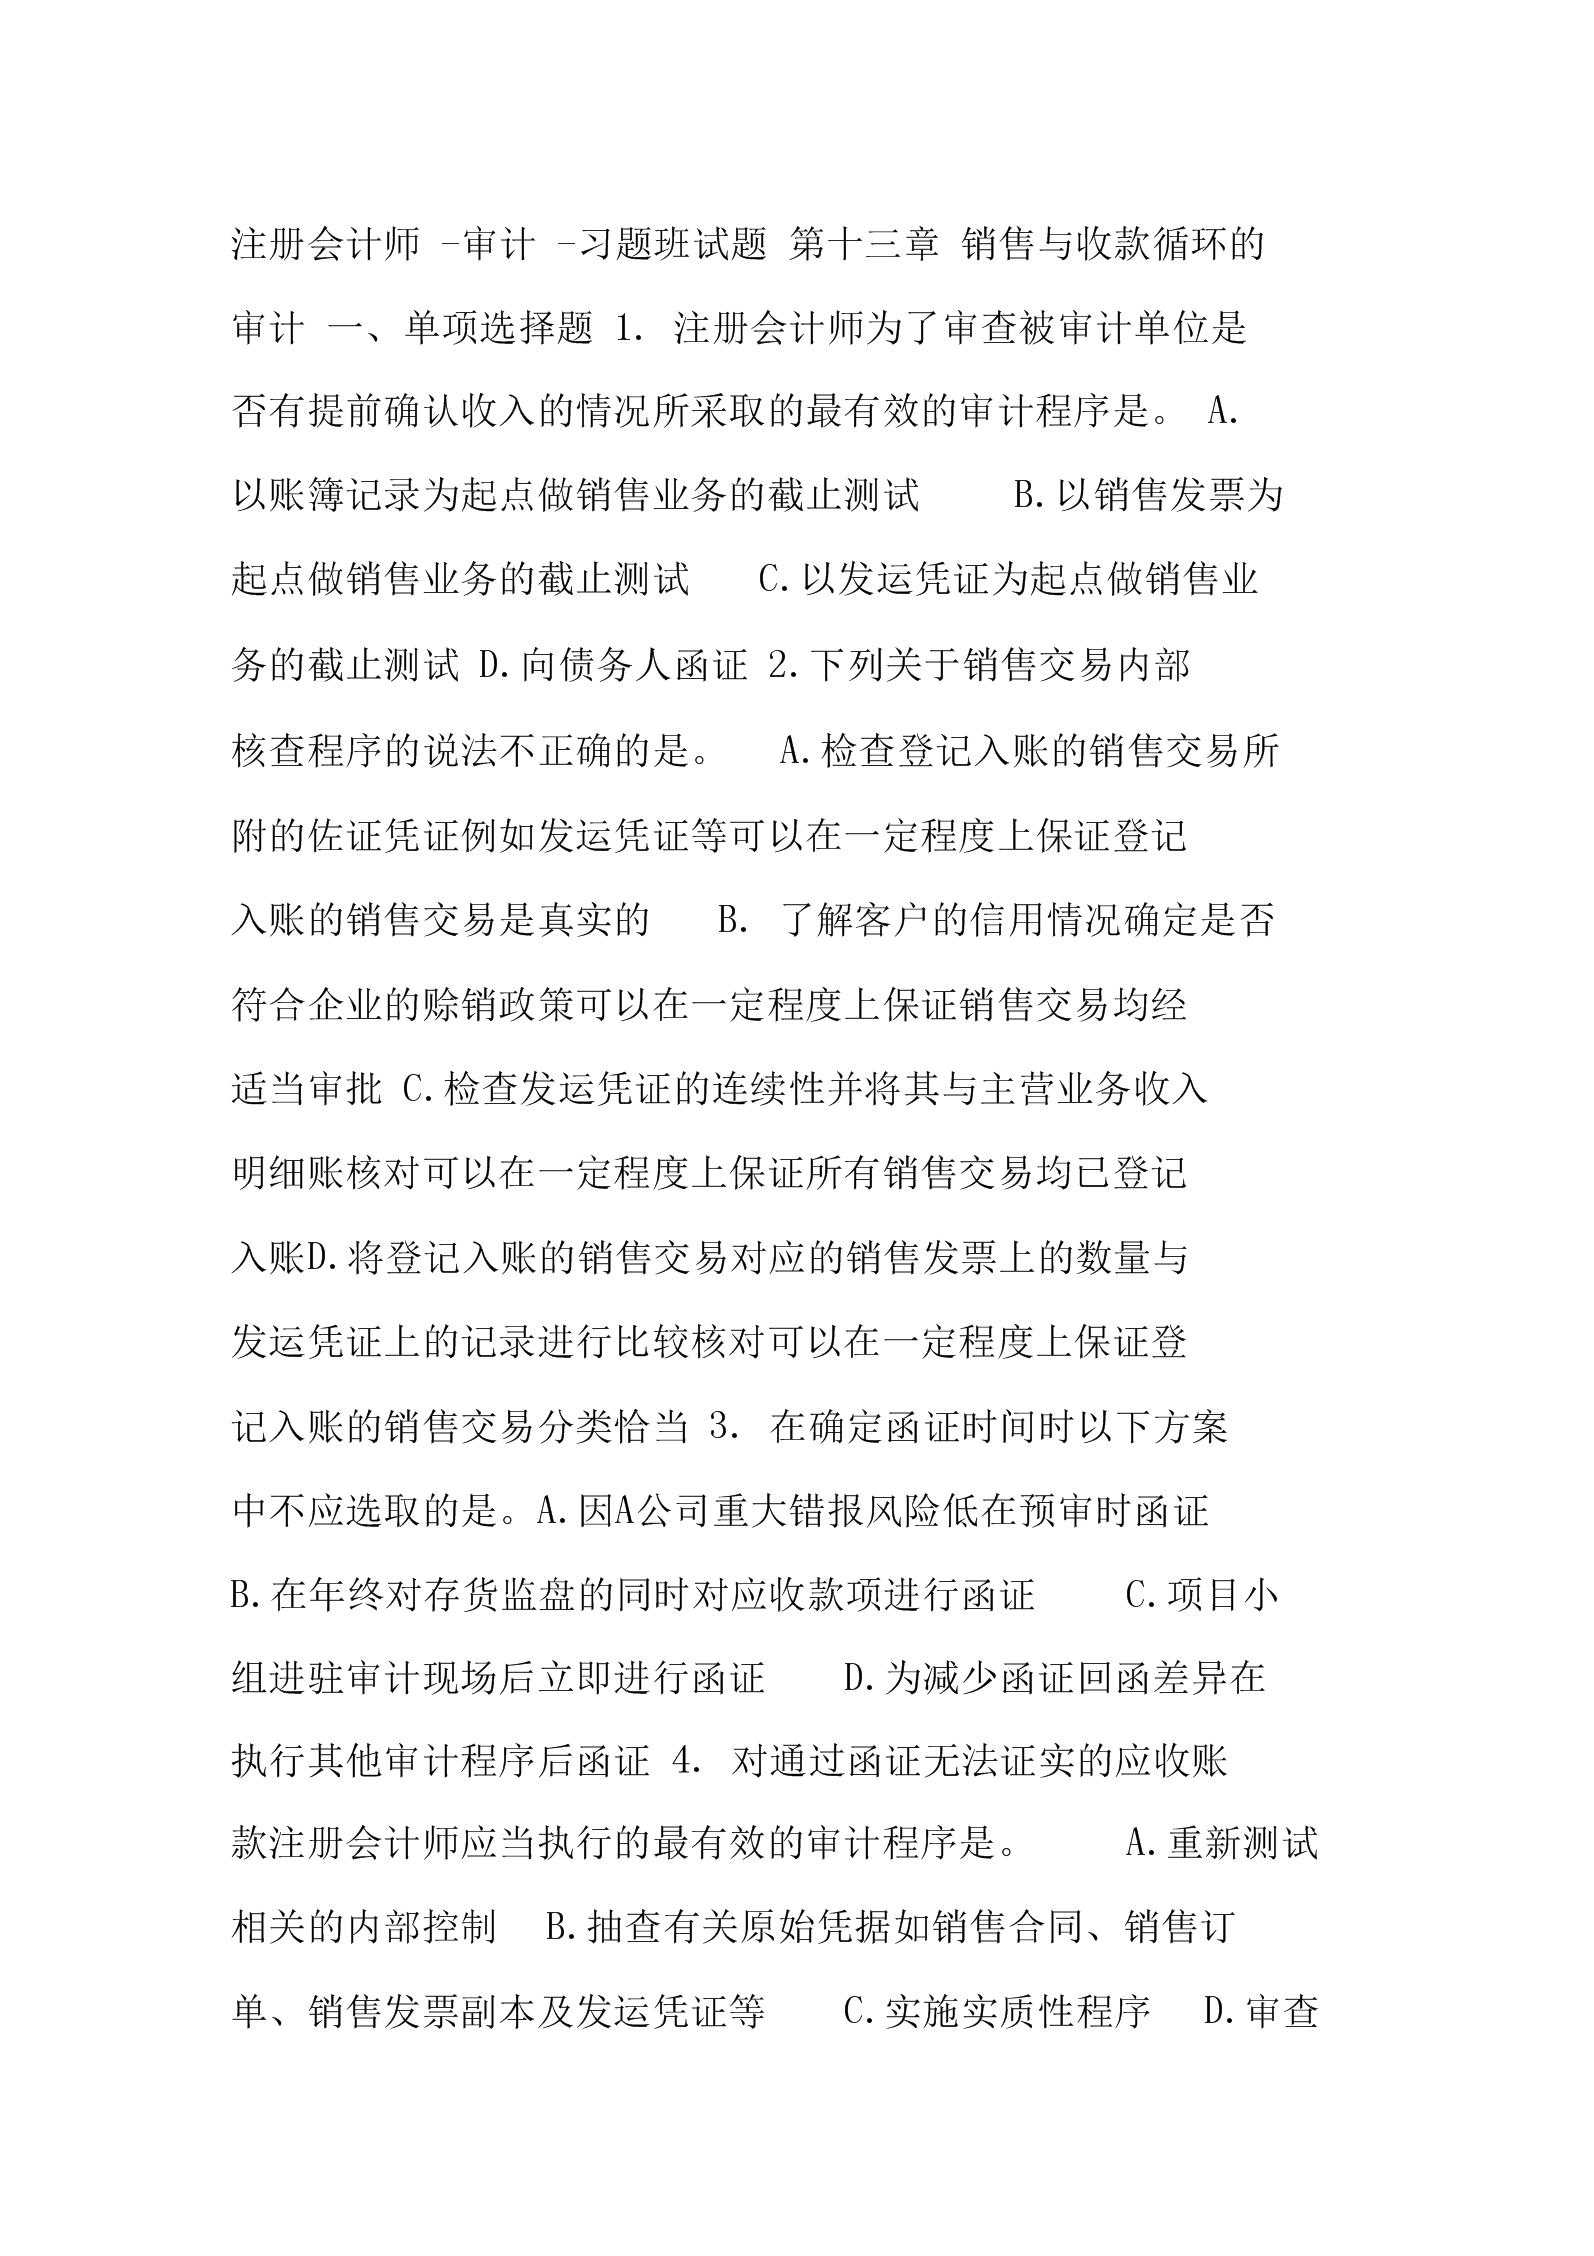 注册会计师《审计》习题班试题.docx